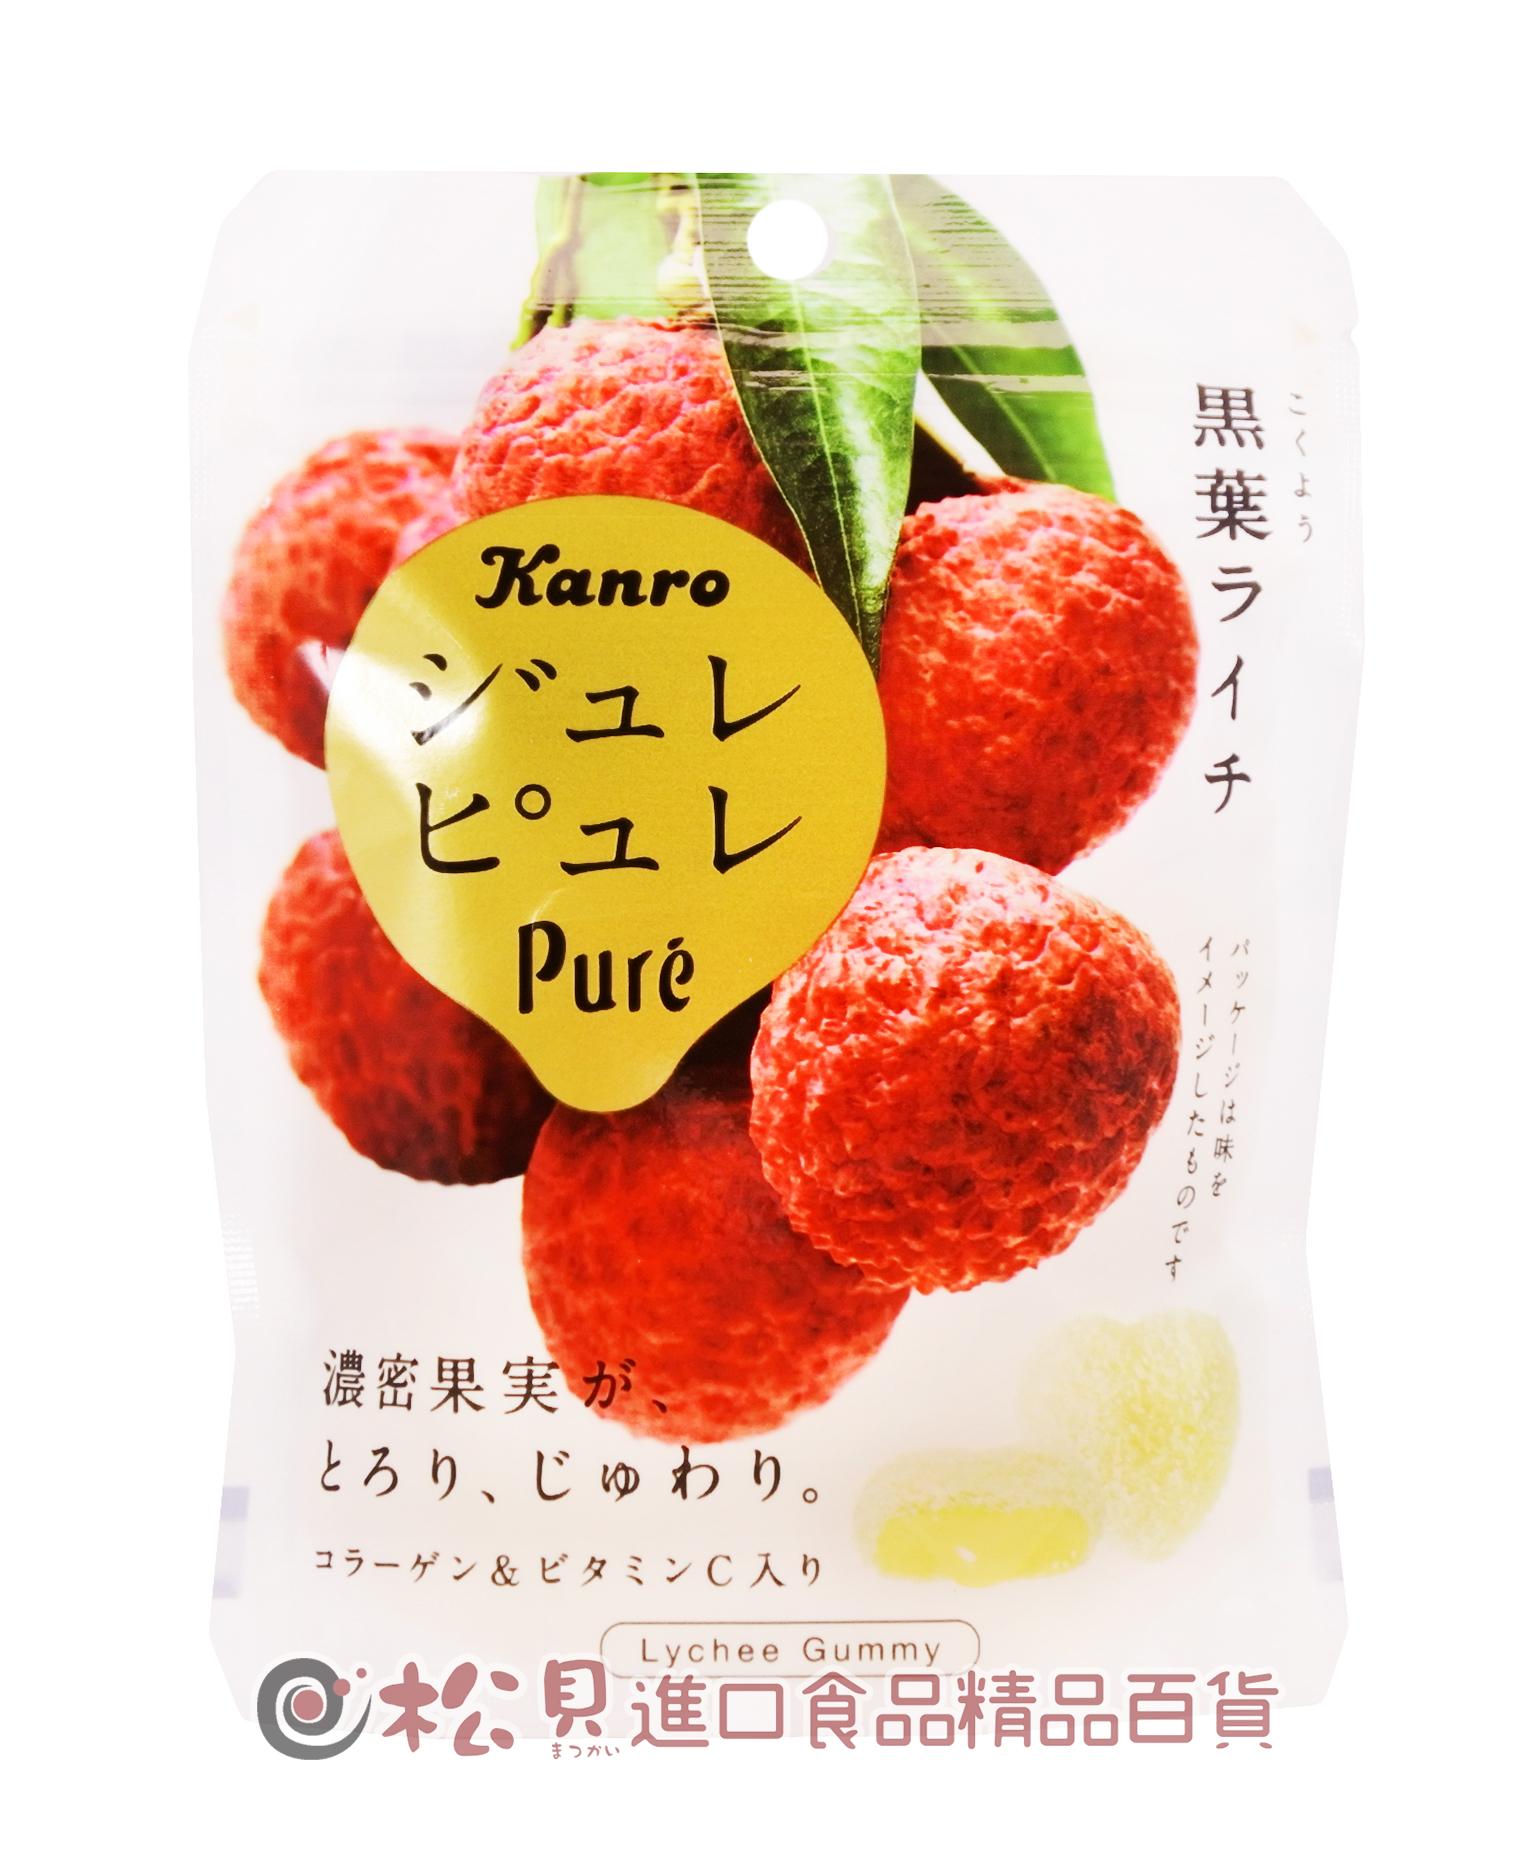 甘樂Pure荔枝夾心軟糖63g【4901351055786】.jpg